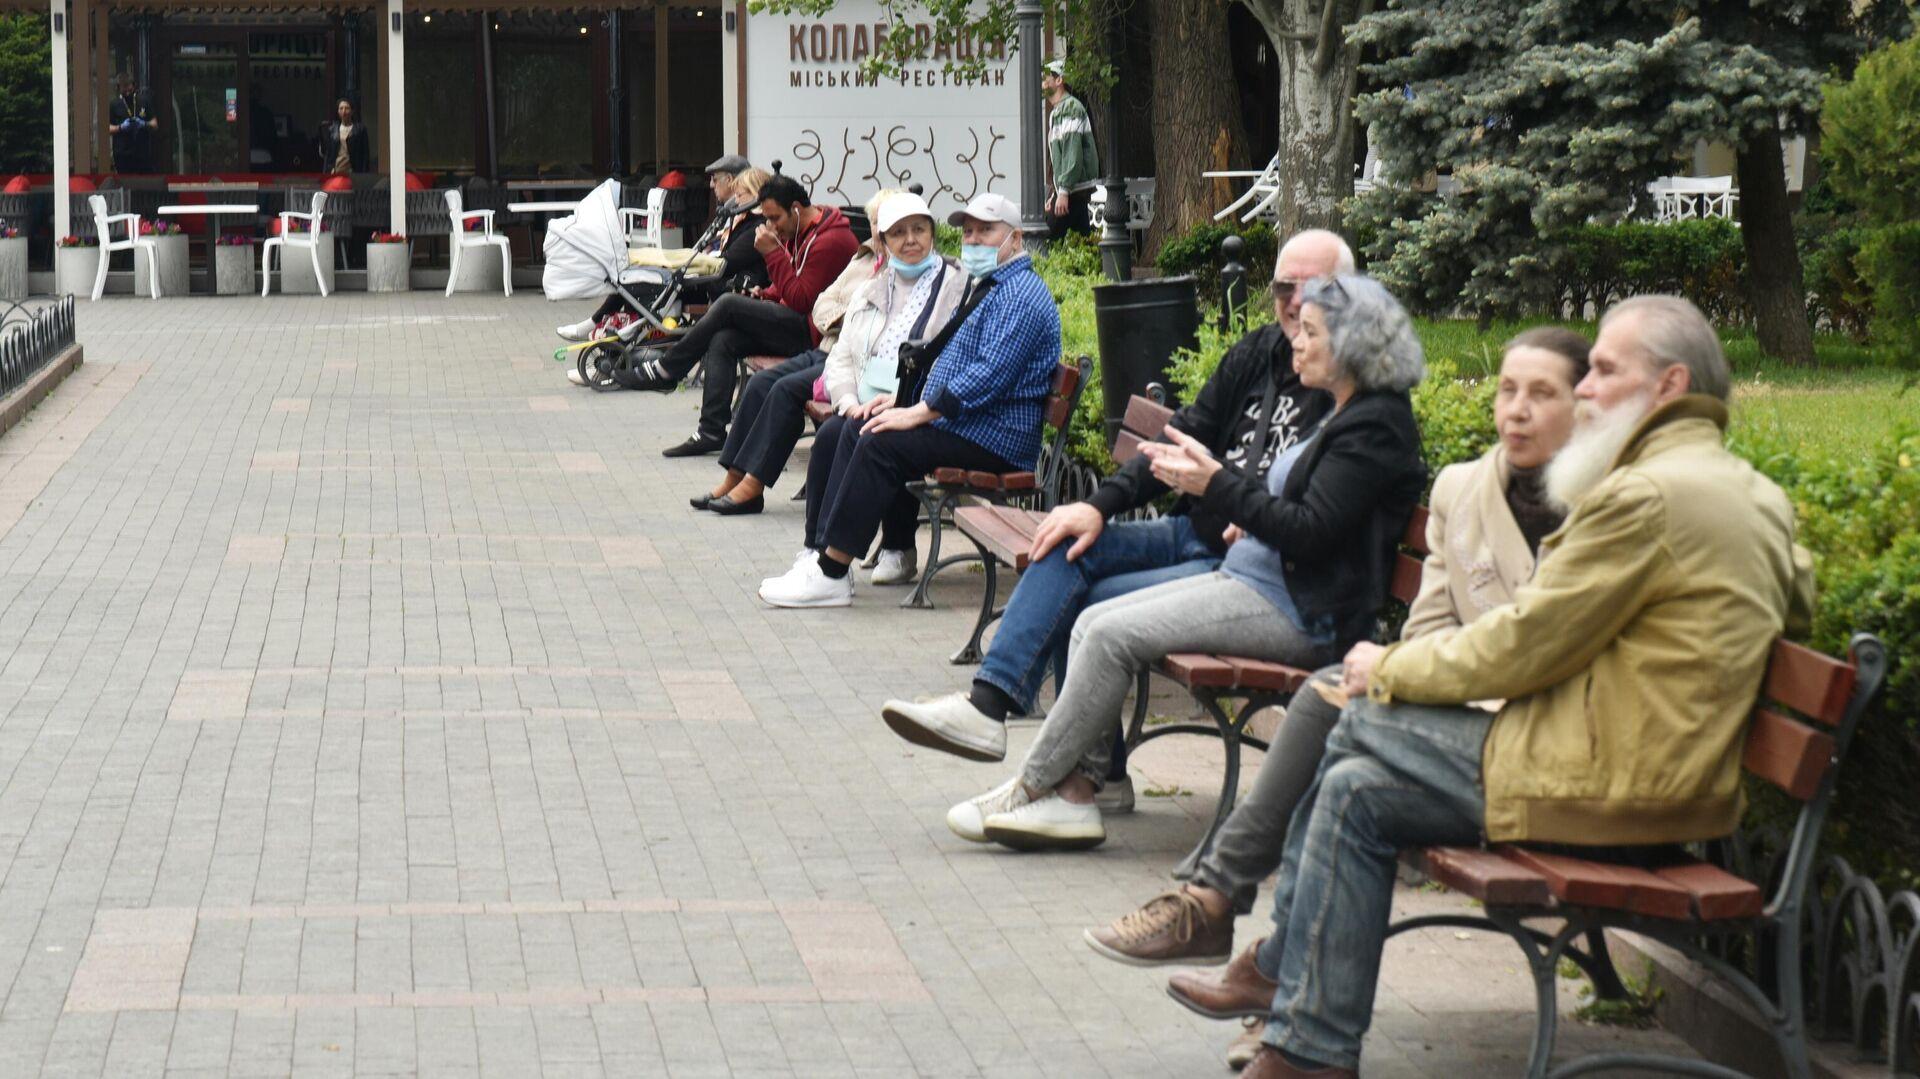 Горожане отдыхают на улице в Одессе - РИА Новости, 1920, 02.09.2020